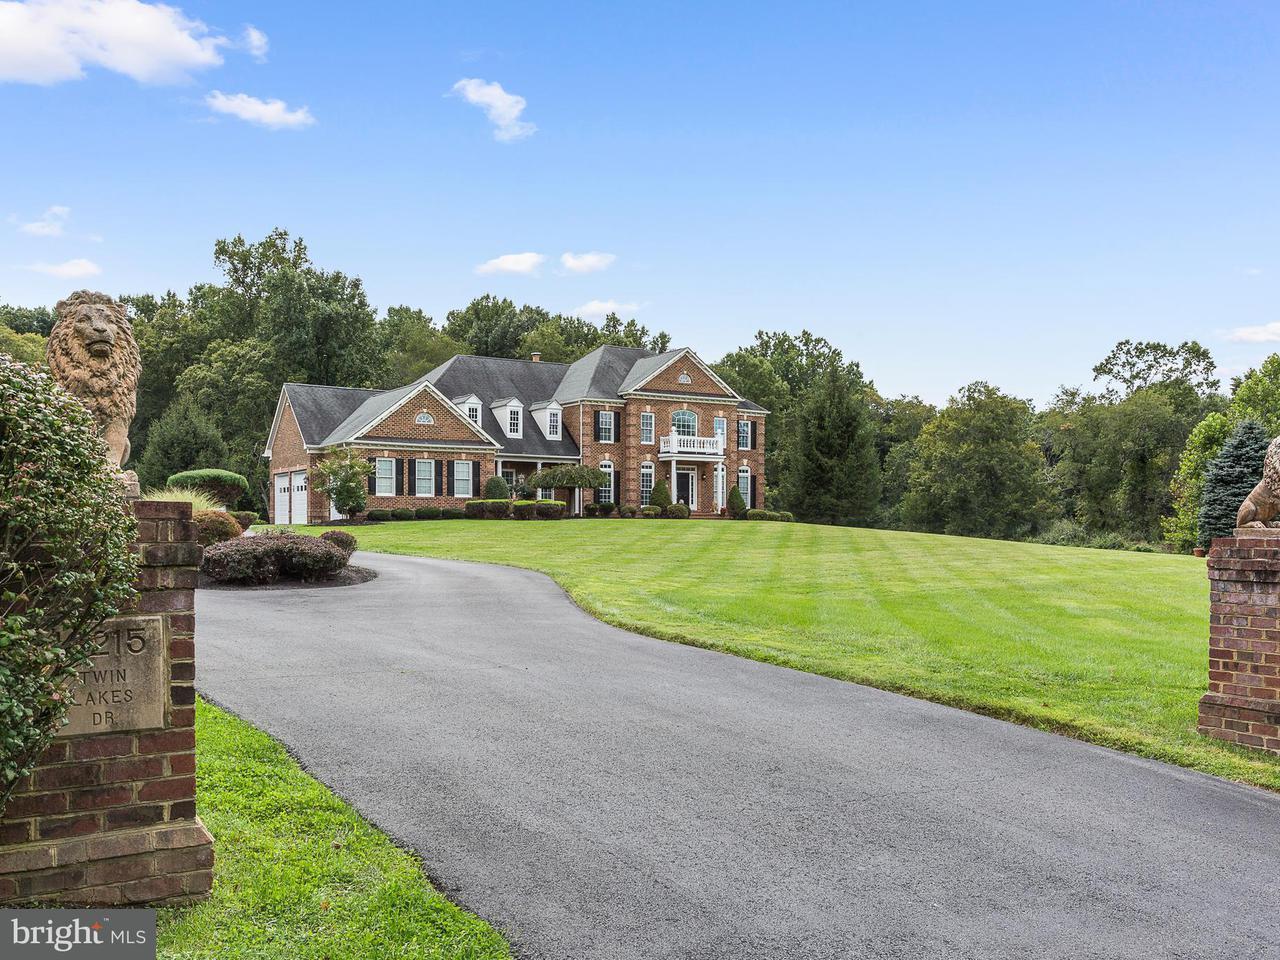 Частный односемейный дом для того Продажа на 13215 TWIN LAKES Drive 13215 TWIN LAKES Drive Clifton, Виргиния 20124 Соединенные Штаты